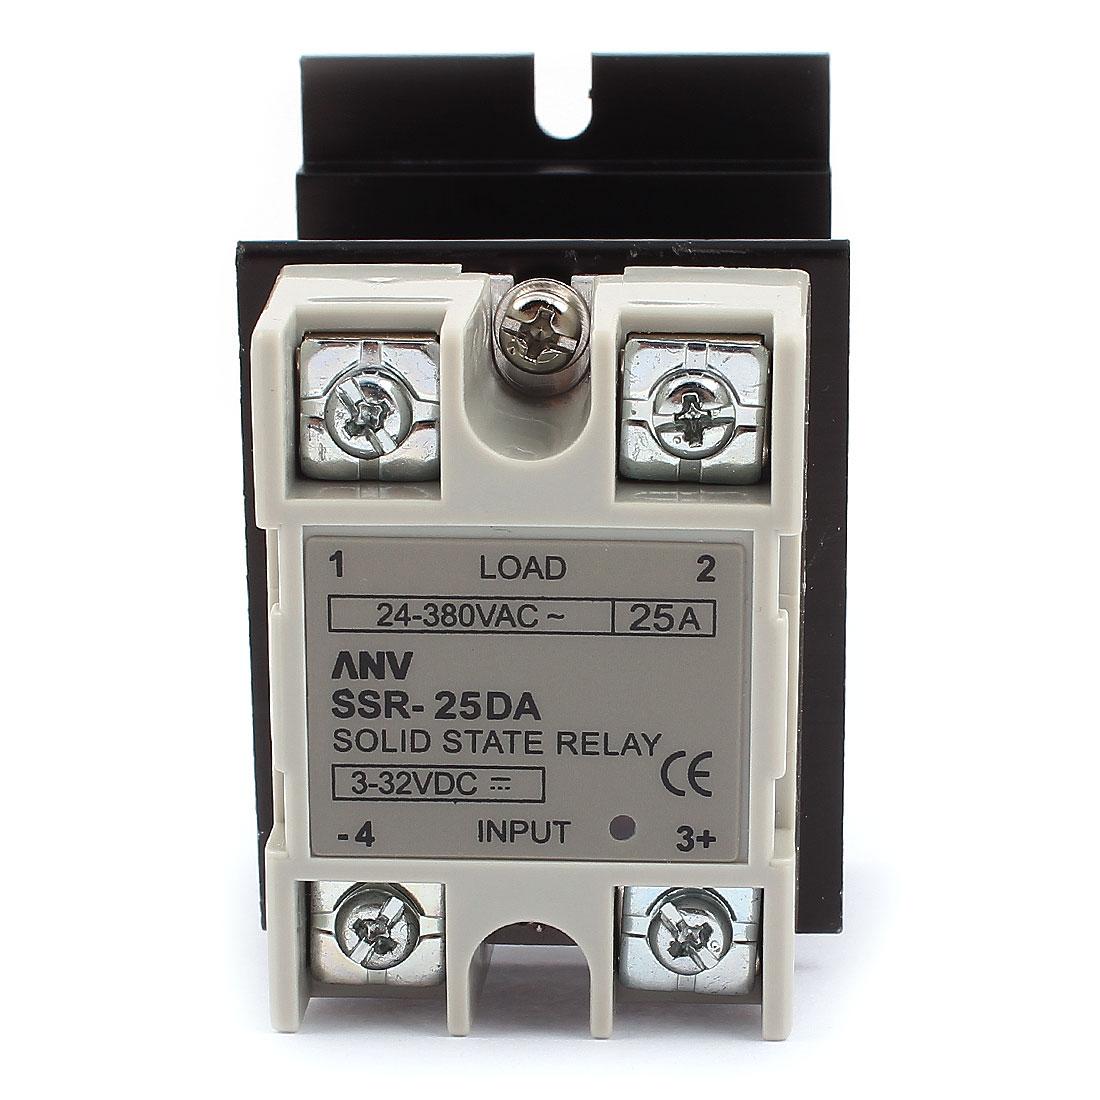 SSR-25DA DC-AC 25A Solid State Relay 3-32VDC/24-380VAC + Heat Sink